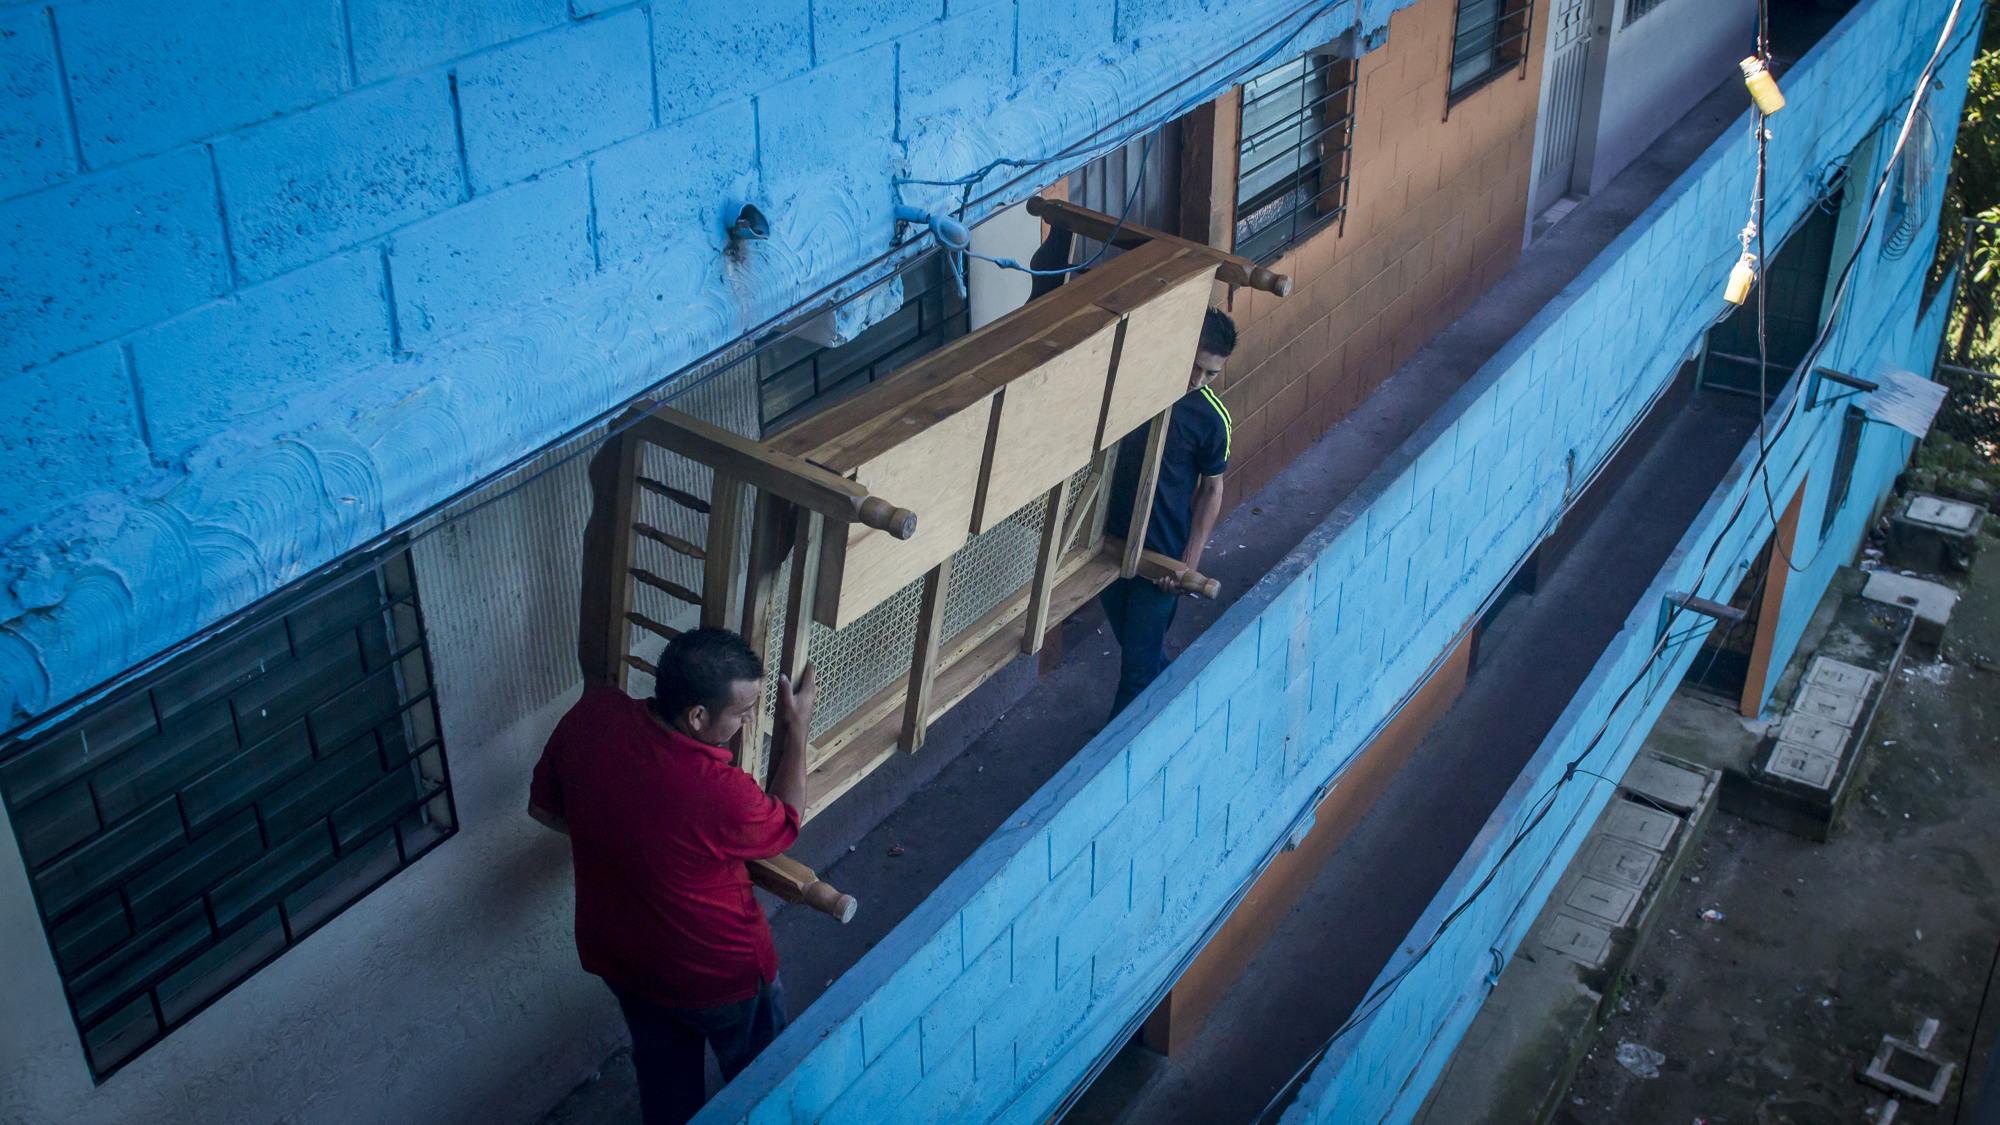 Las escenas de salvadoreños huyendo de sus propias casas a causa de las amenazas de muerte por parte de pandilleros, se hizo común en el 2016. En la imagen una familia carga la armazón de una cama en los Condominios América, en San Jacinto, San Salvador. Foto FACTUM/Salvador MELENDEZ